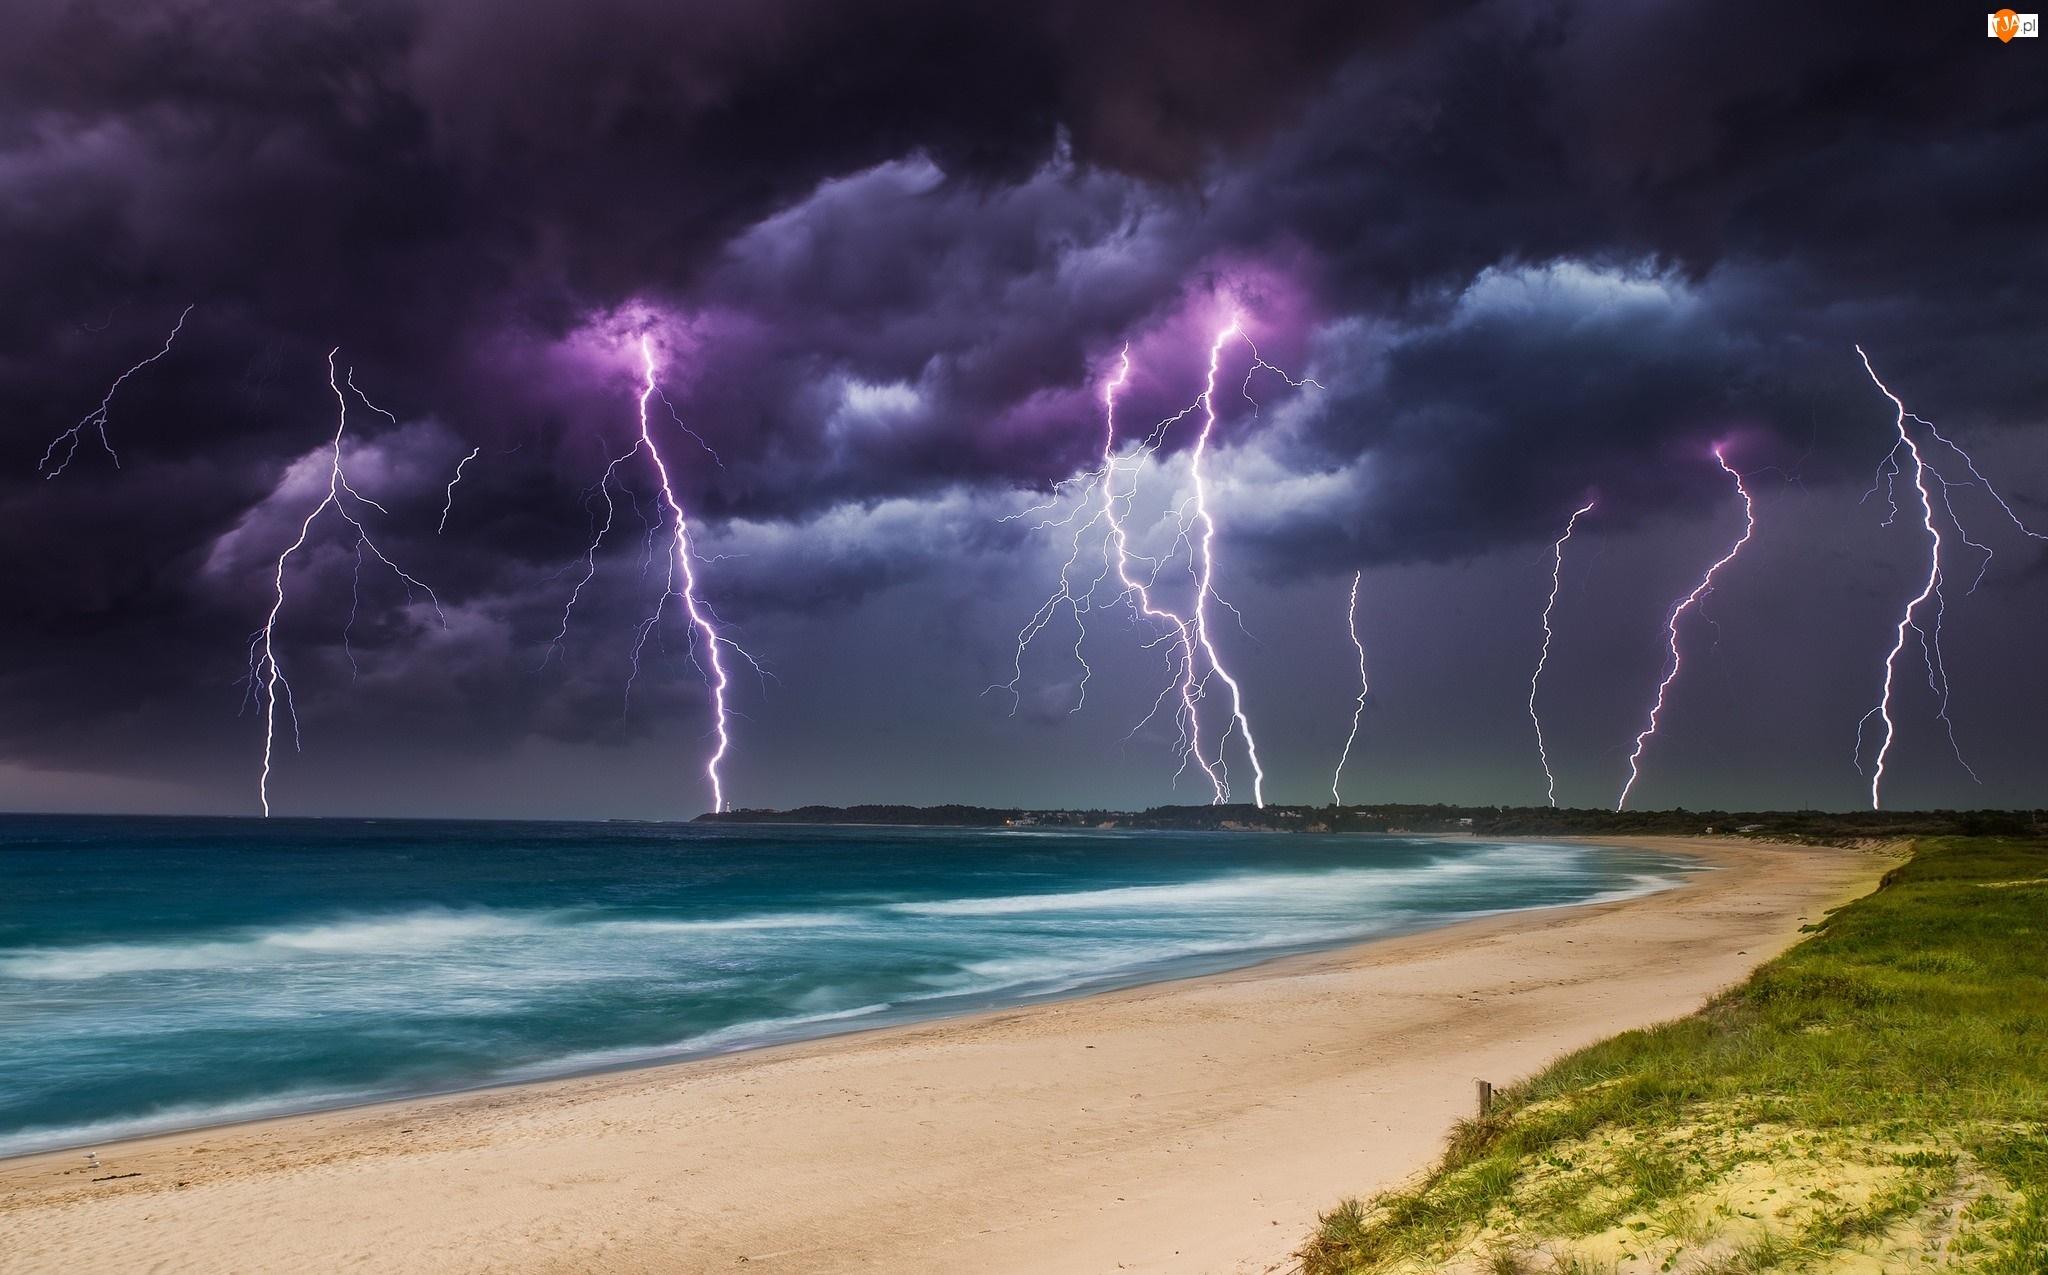 Burza, Plaża, Morze, Pioruny